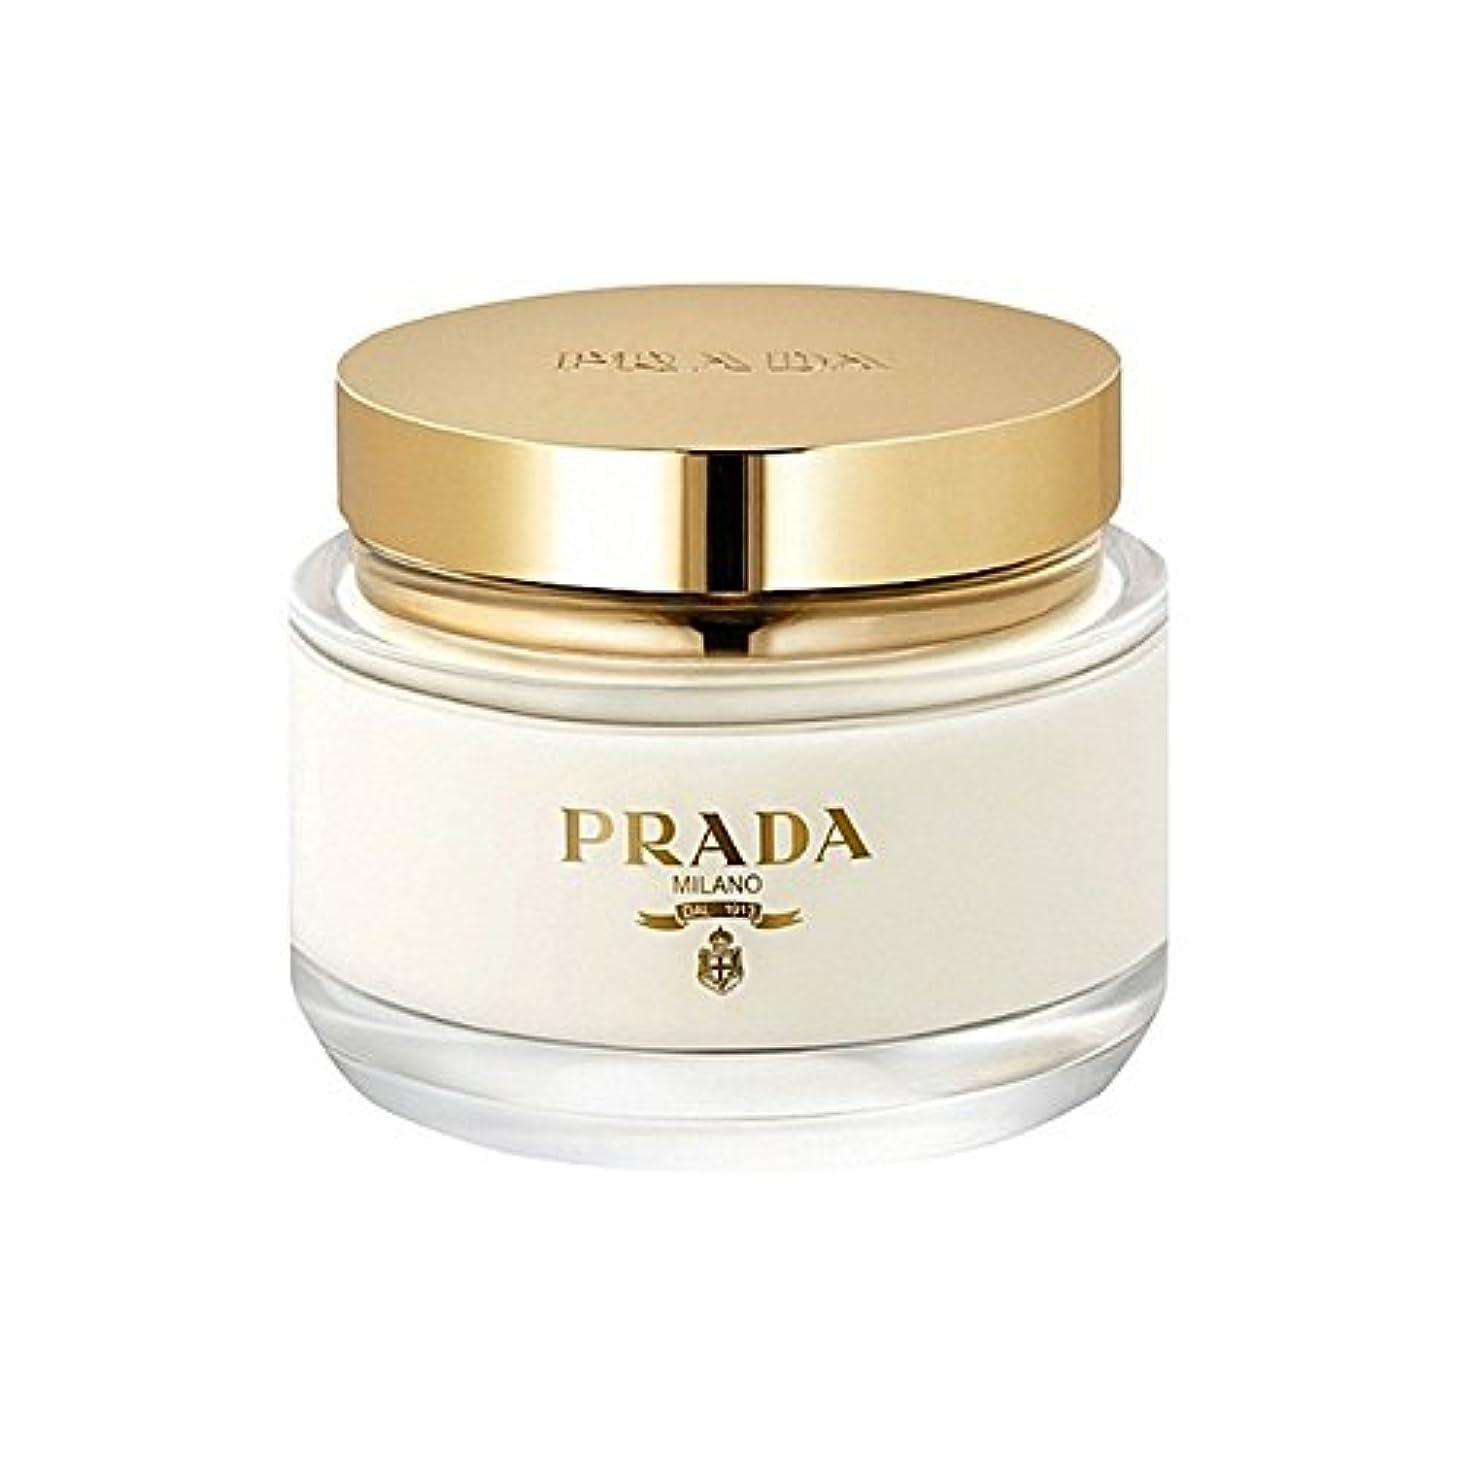 昇進ペデスタルケイ素プラダラファムボディローション200 x4 - Prada La Femme Body Lotion 200ml (Pack of 4) [並行輸入品]